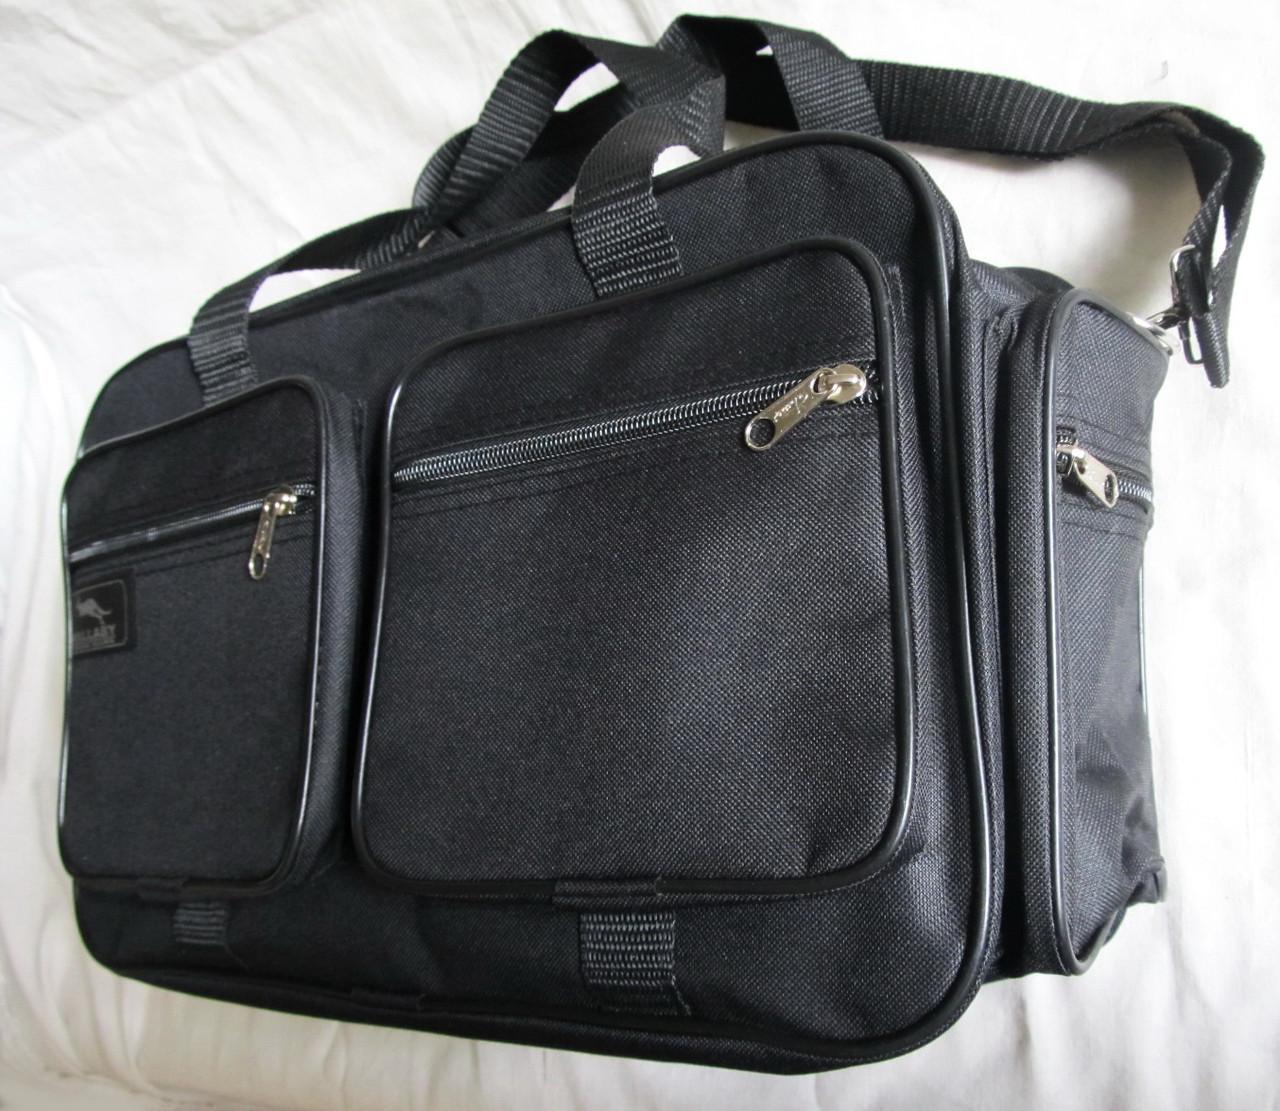 Мужская сумка через плечо дорожная очень крепкая и вместительная А4+ в2691 черная 42x28x19см